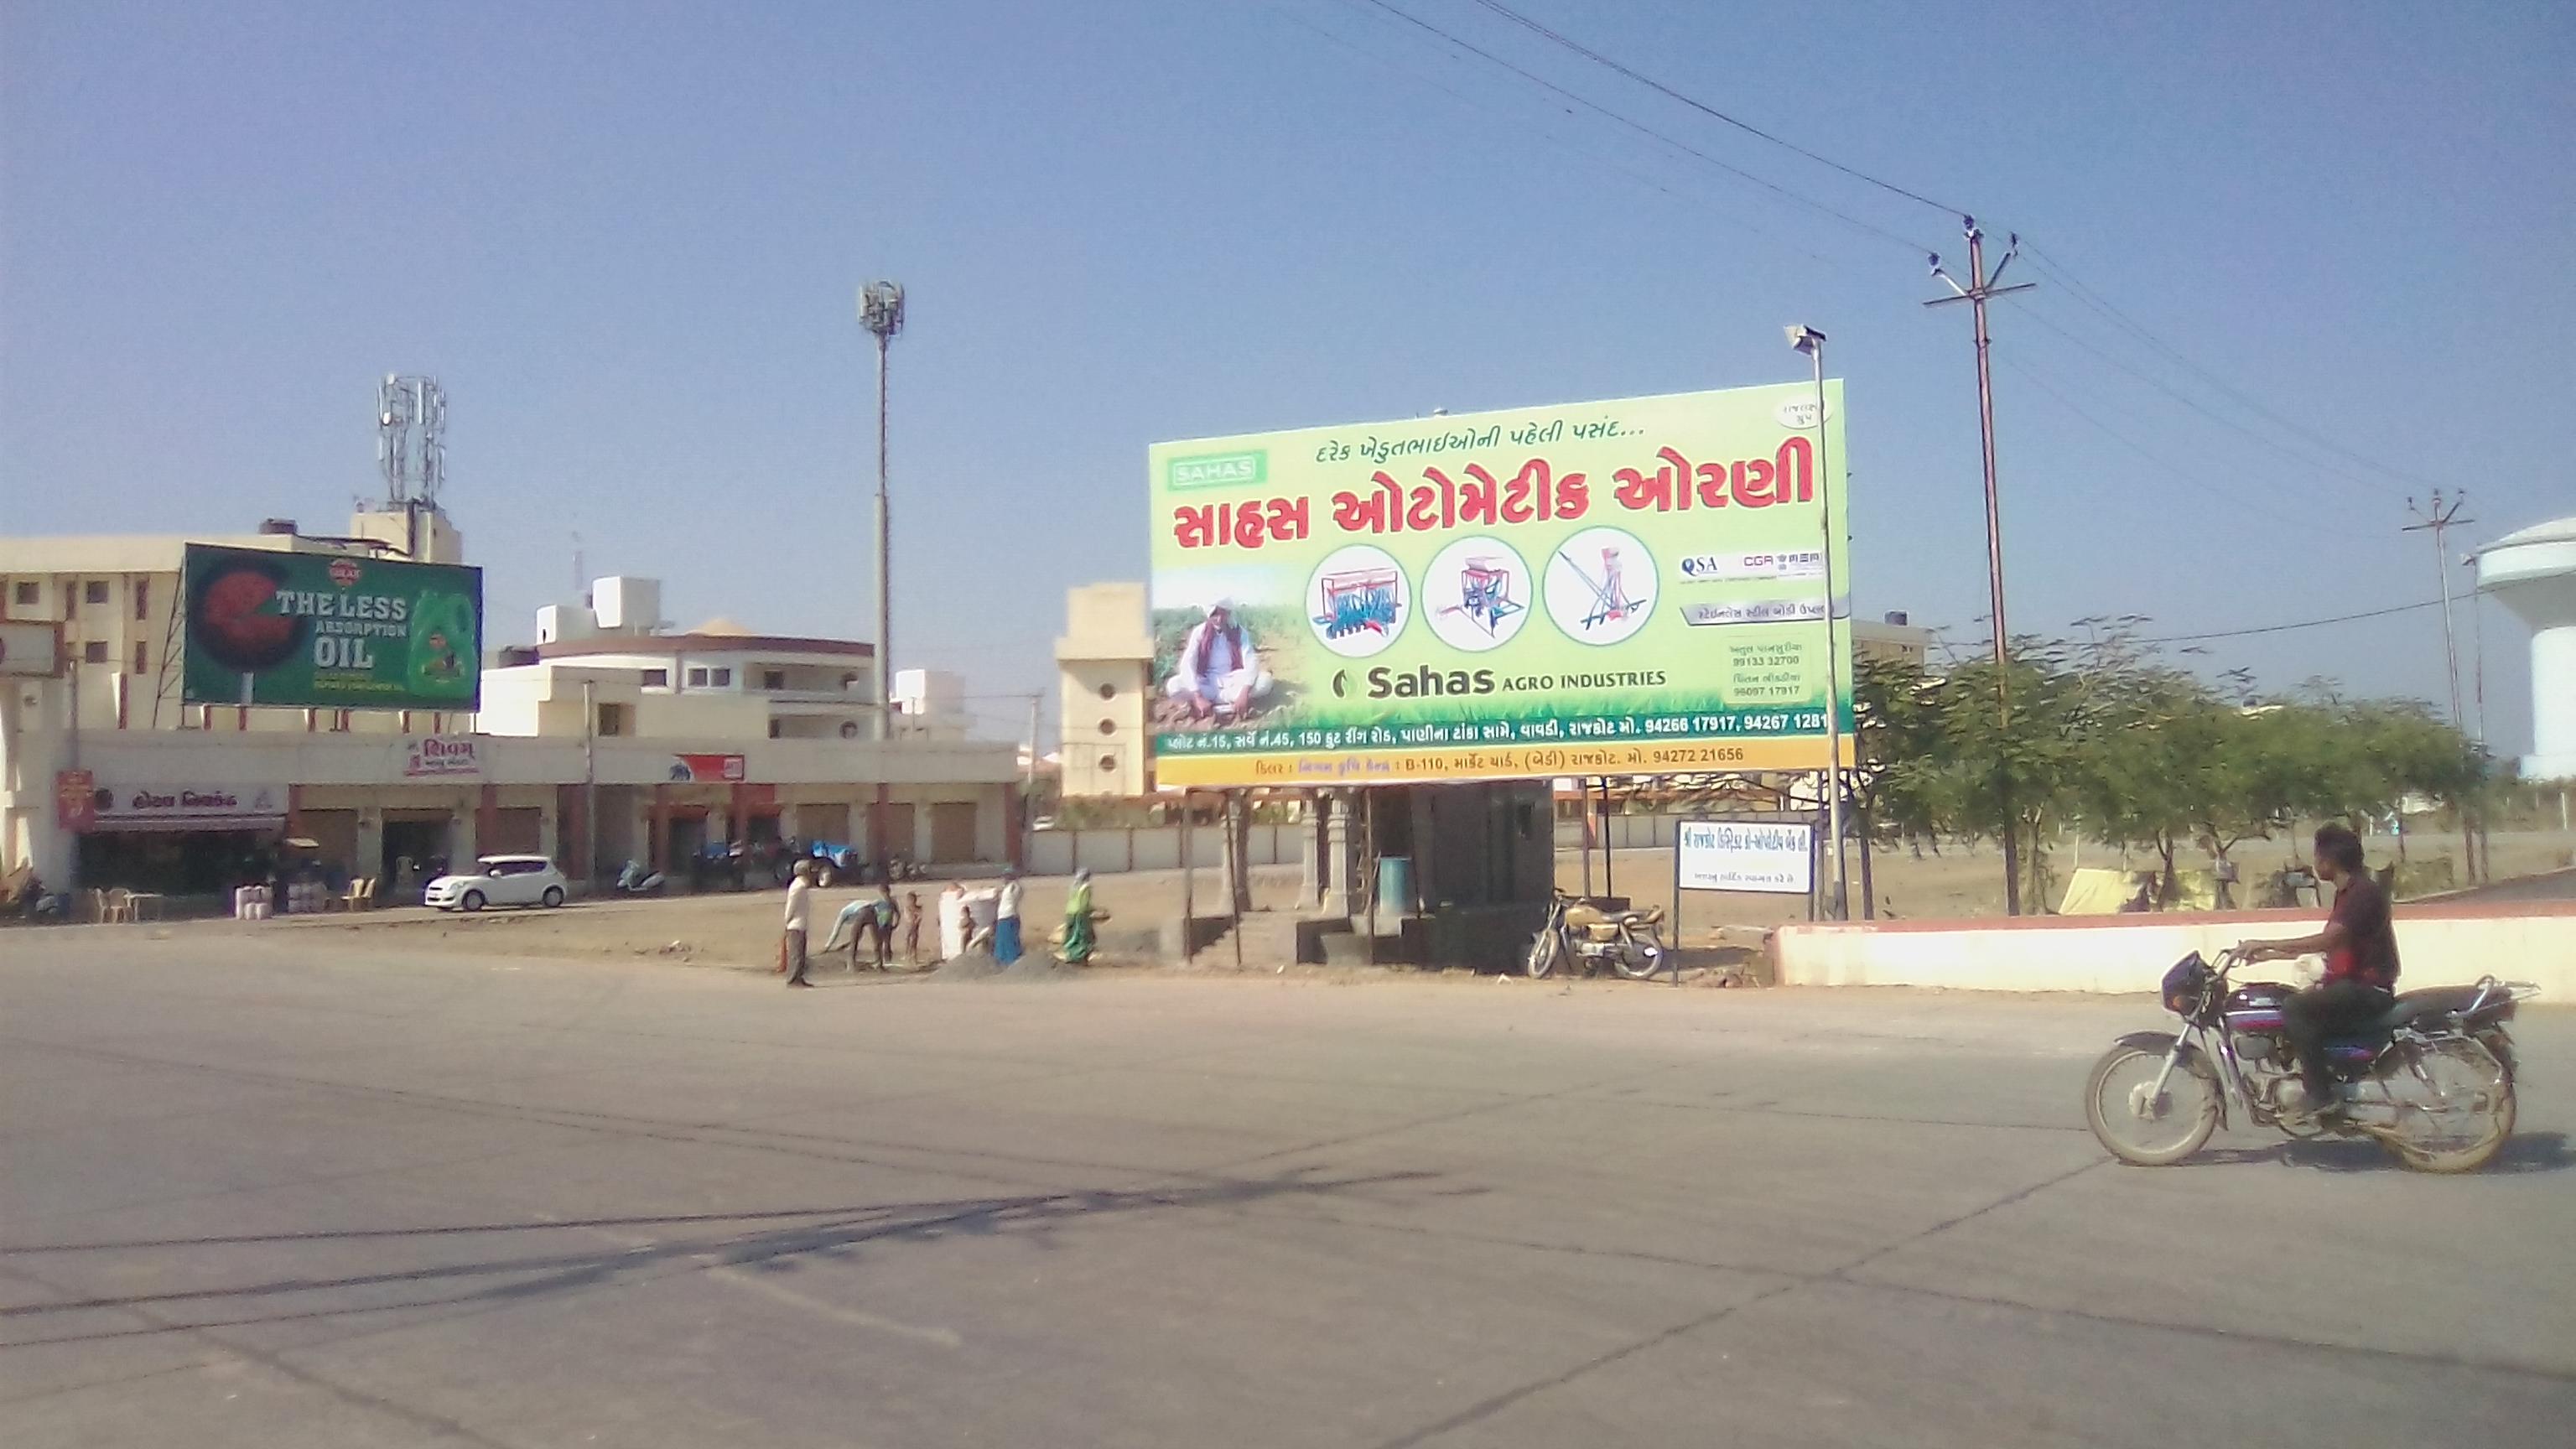 Near main entry gate, Rajkot